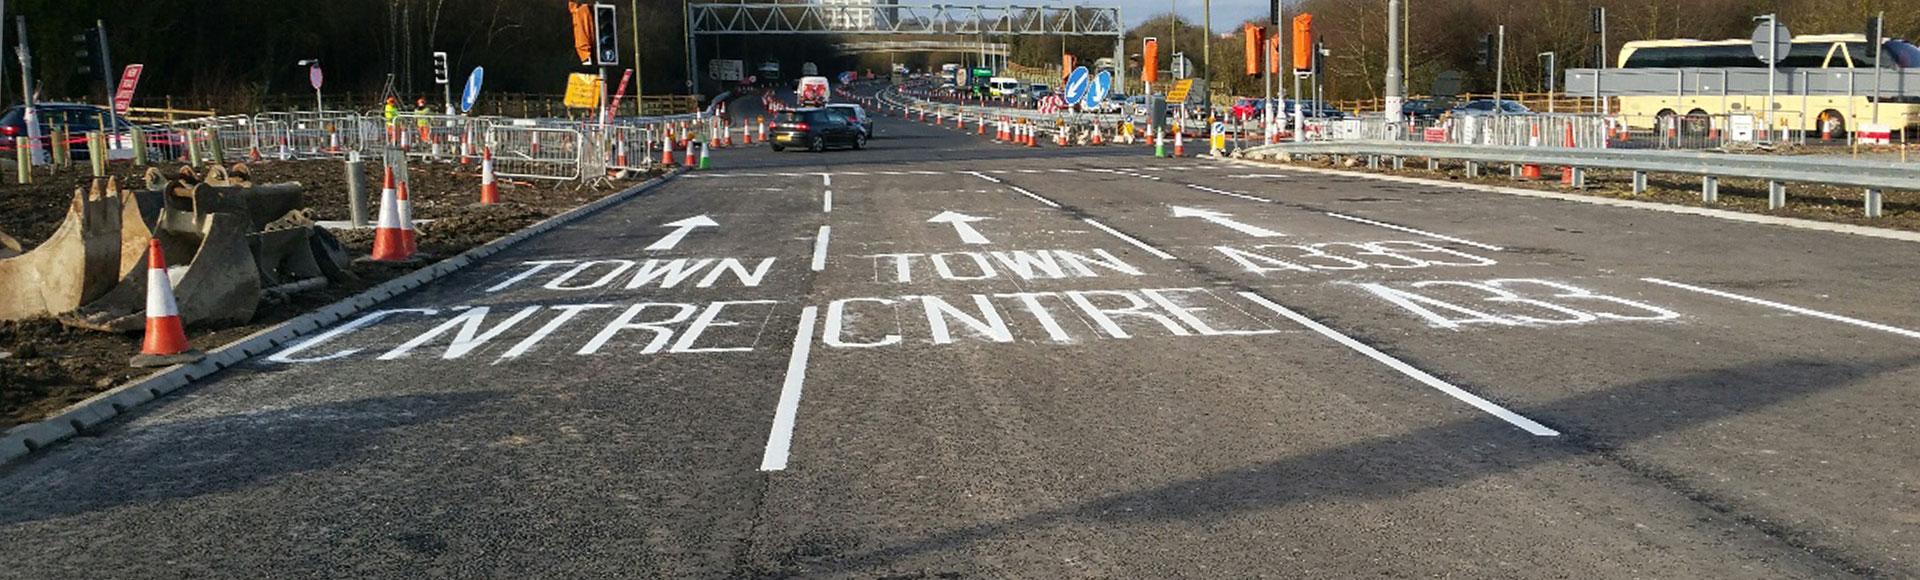 Road Marking lane control